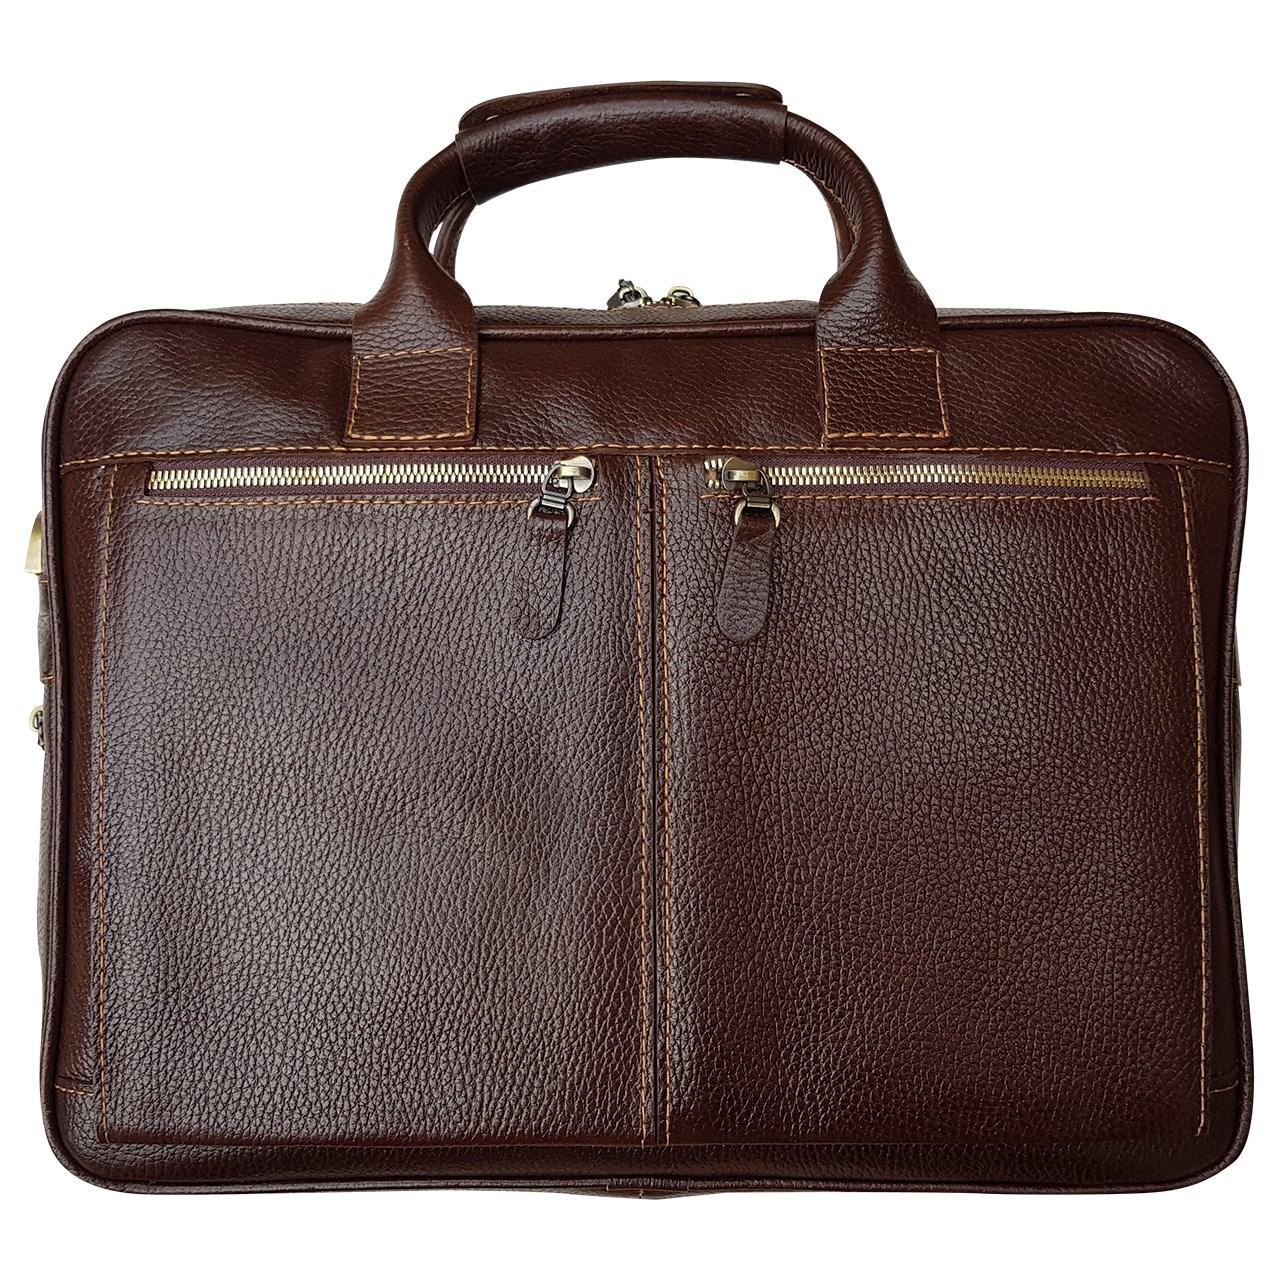 قیمت کیف چرم دیاکو مدل 145 فلوتر